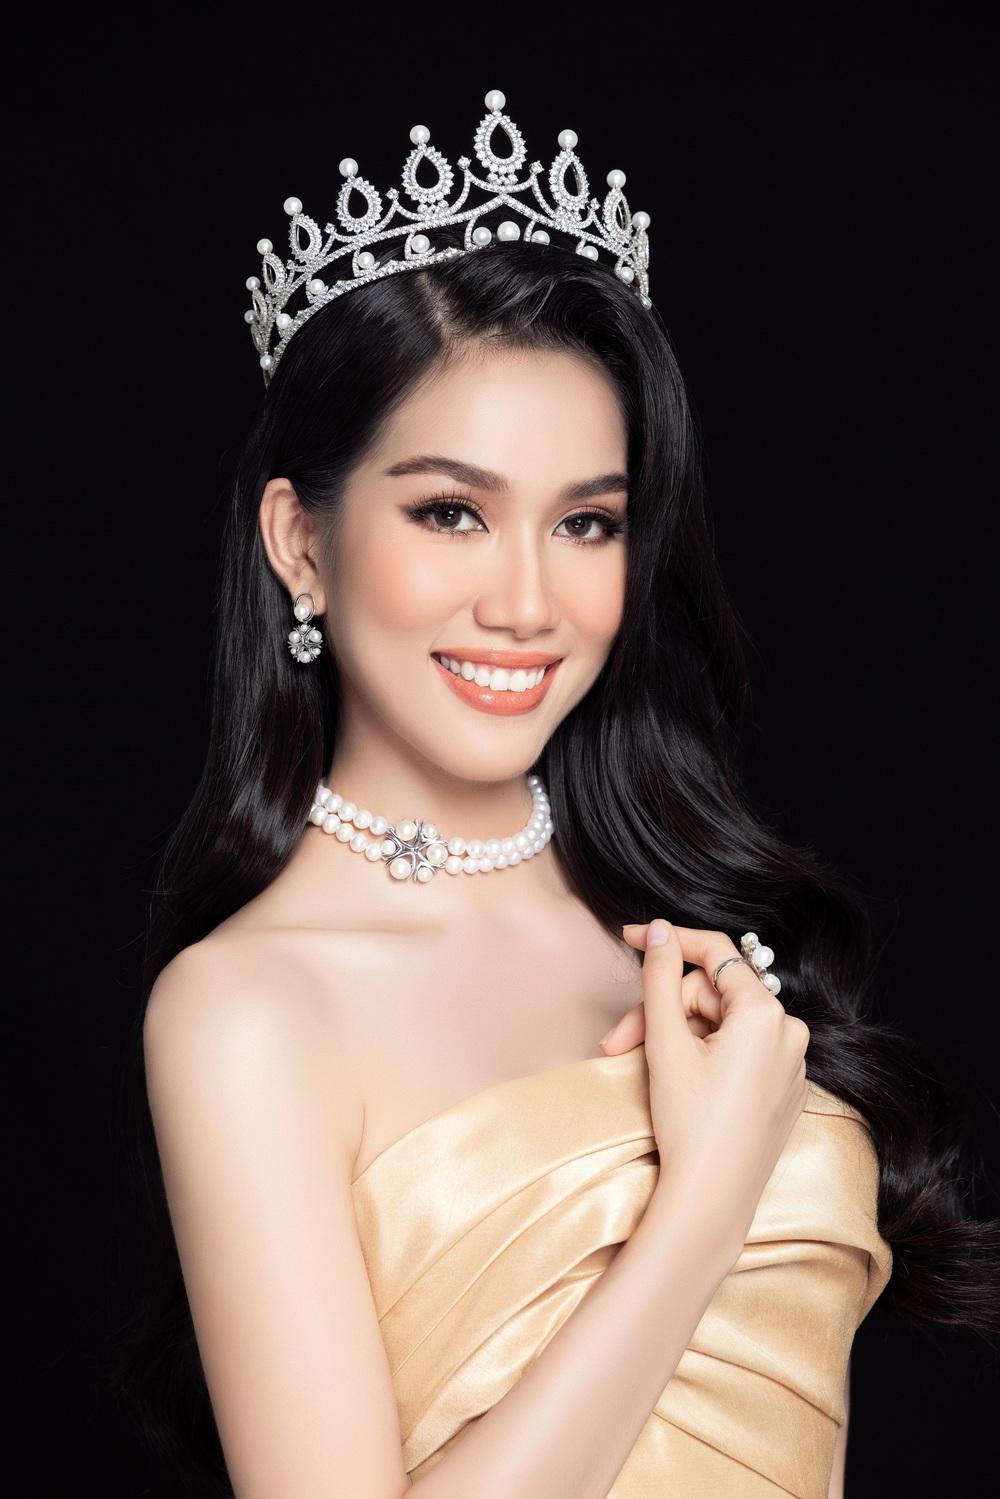 Hoa hậu Đỗ Thị Hà đọ sắc bên hai Á hậu sau 1 tháng đăng quang - Ảnh 8.